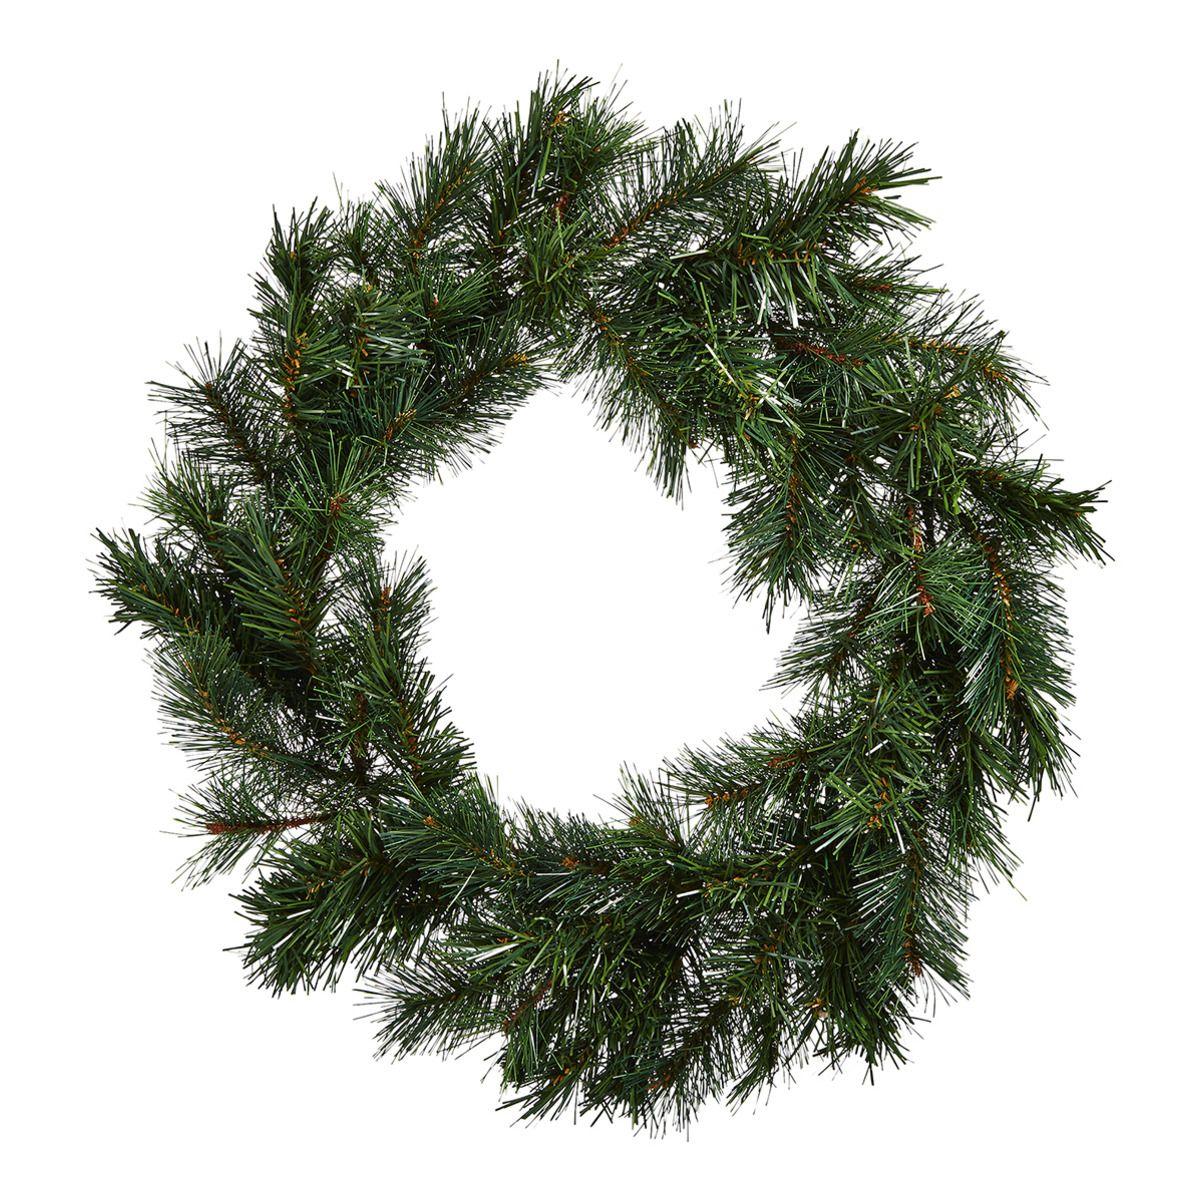 Corona De Navidad Imperial Verde Por El Corte Ingl S  ~ Decoracion Navidad Corte Ingles